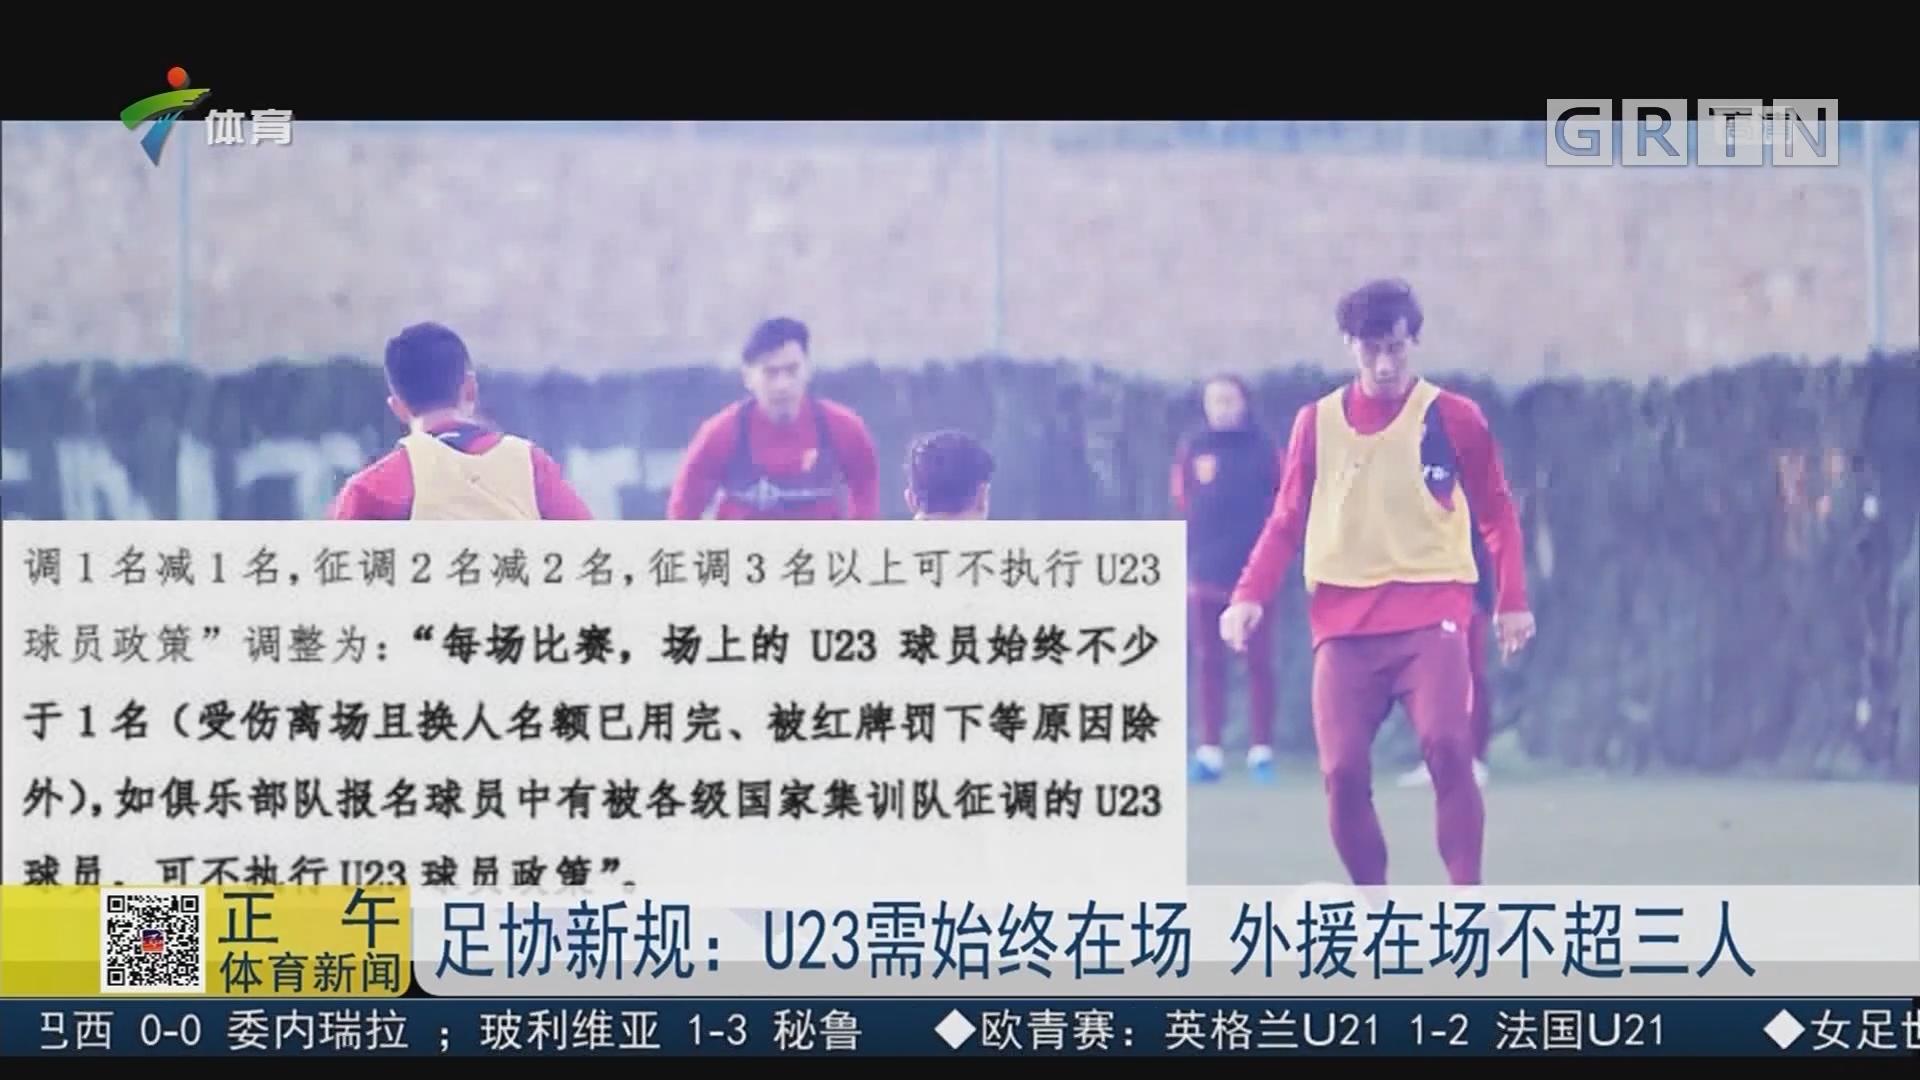 足协新规:U23需始终在场 外援在场不超三人